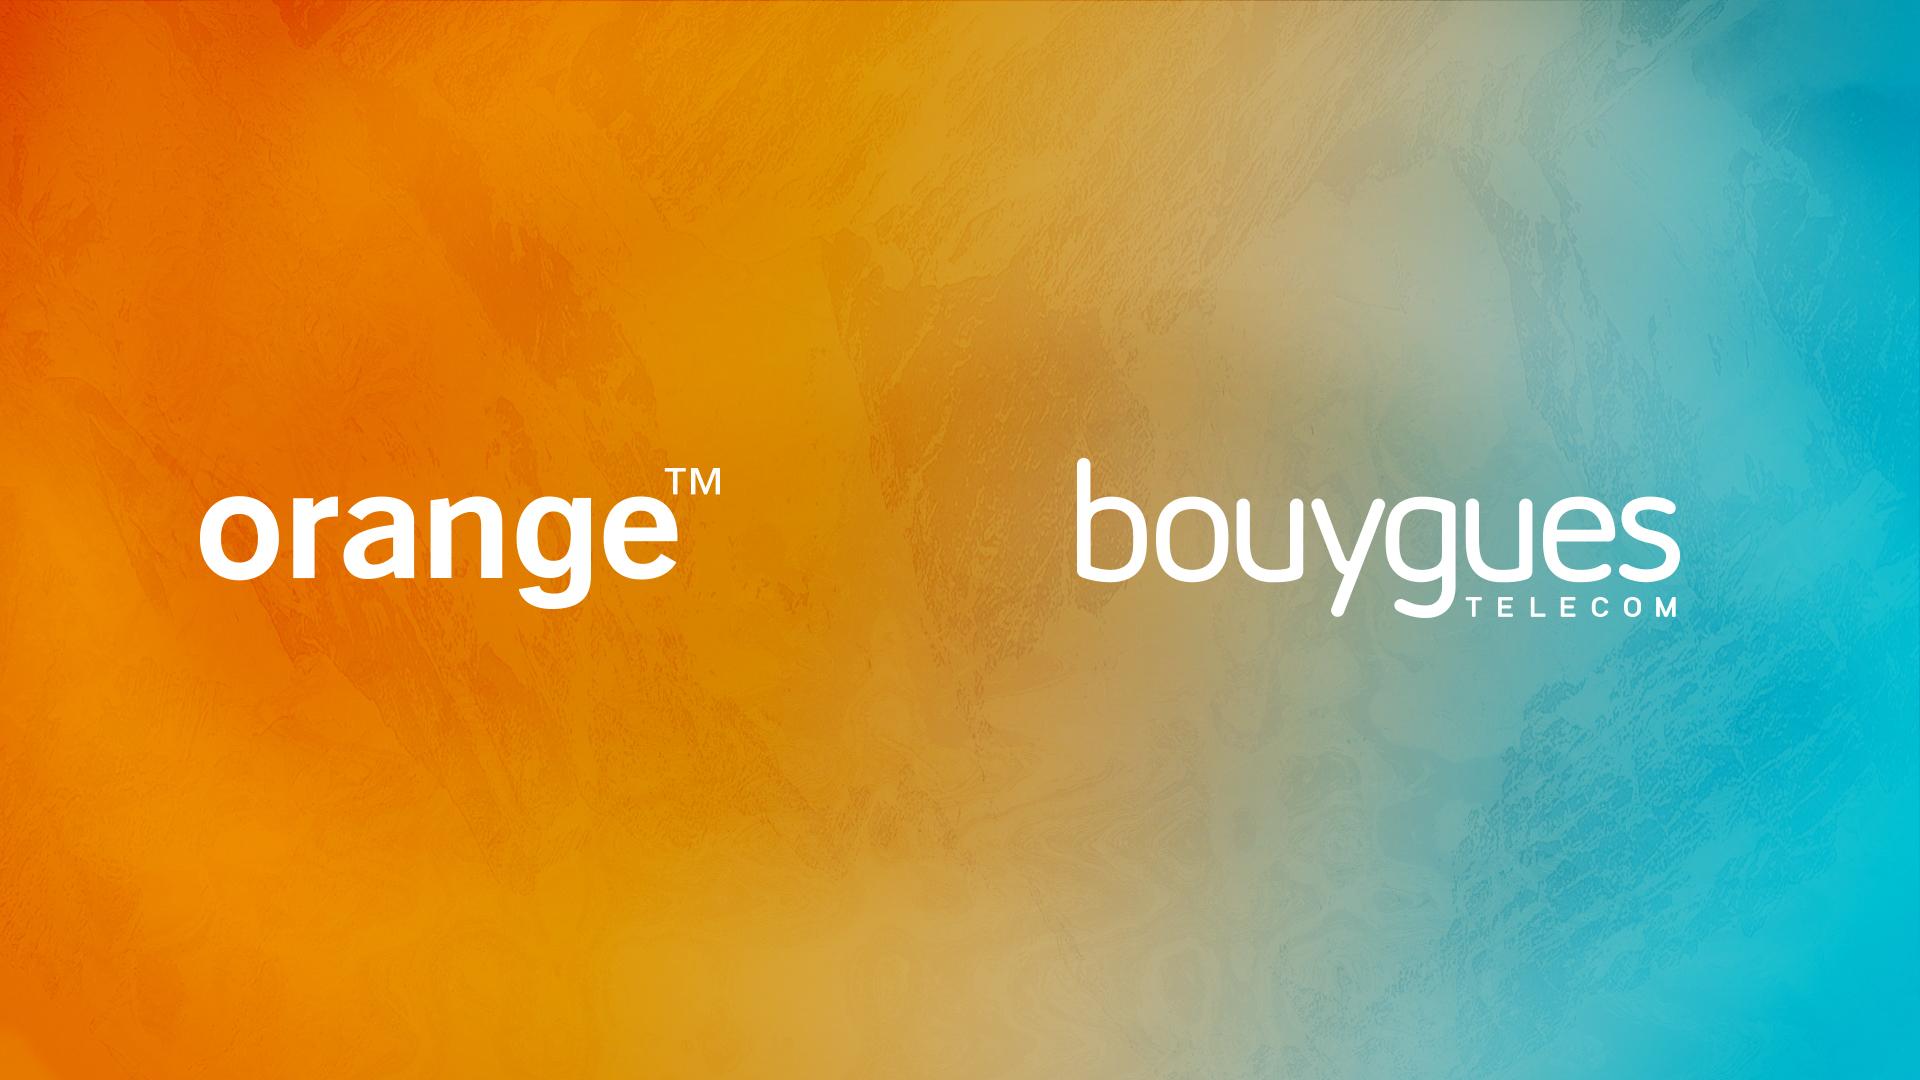 Orange annonce la reprise des discussions avec Bouygues, SFR et Free qui démentent